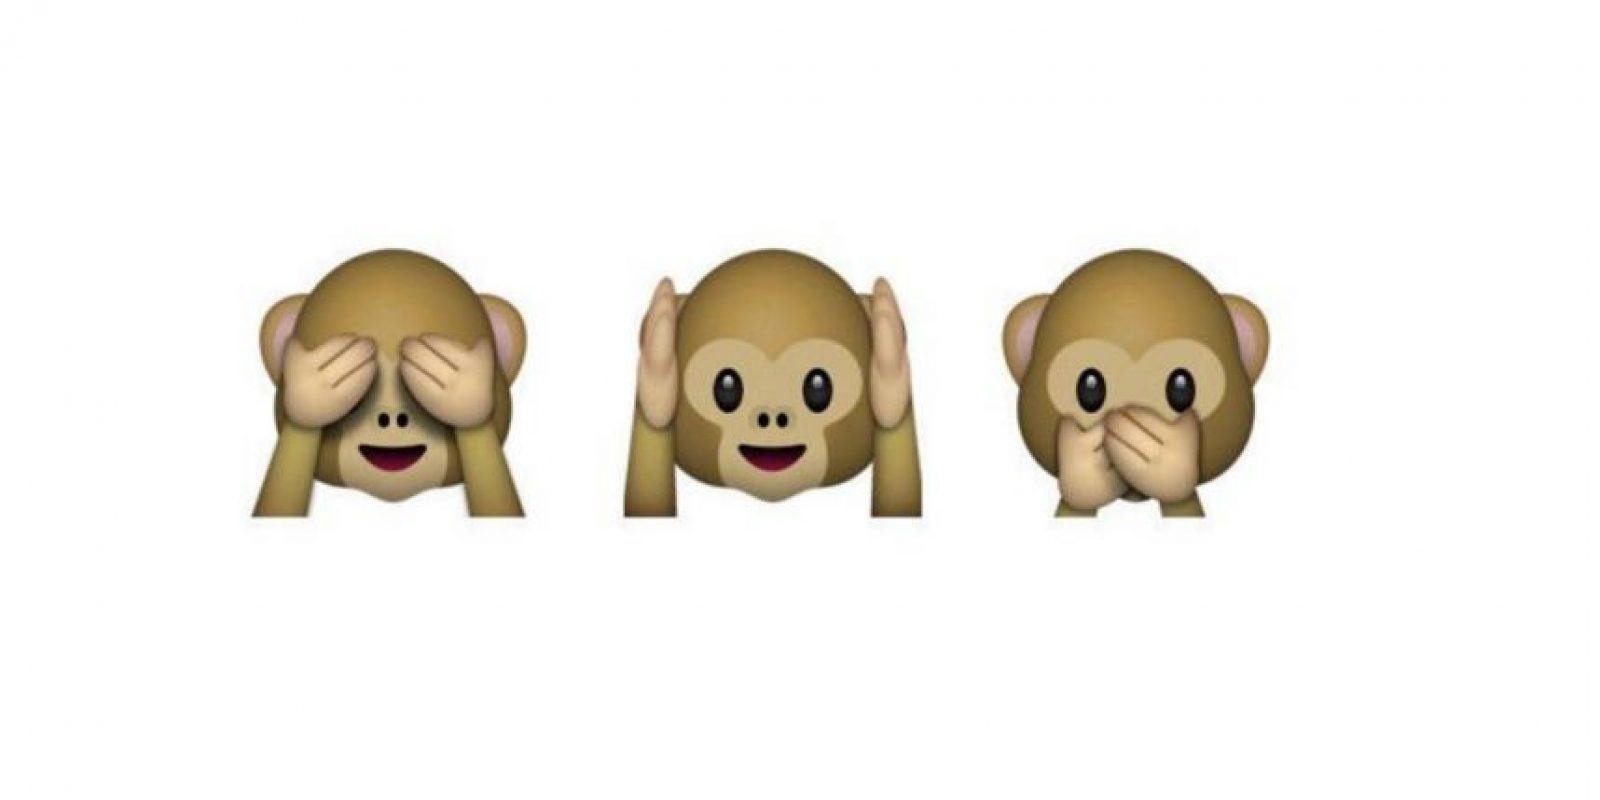 Los emoticones son parte de la cultura actual de Occidente. Foto:Emojipedia